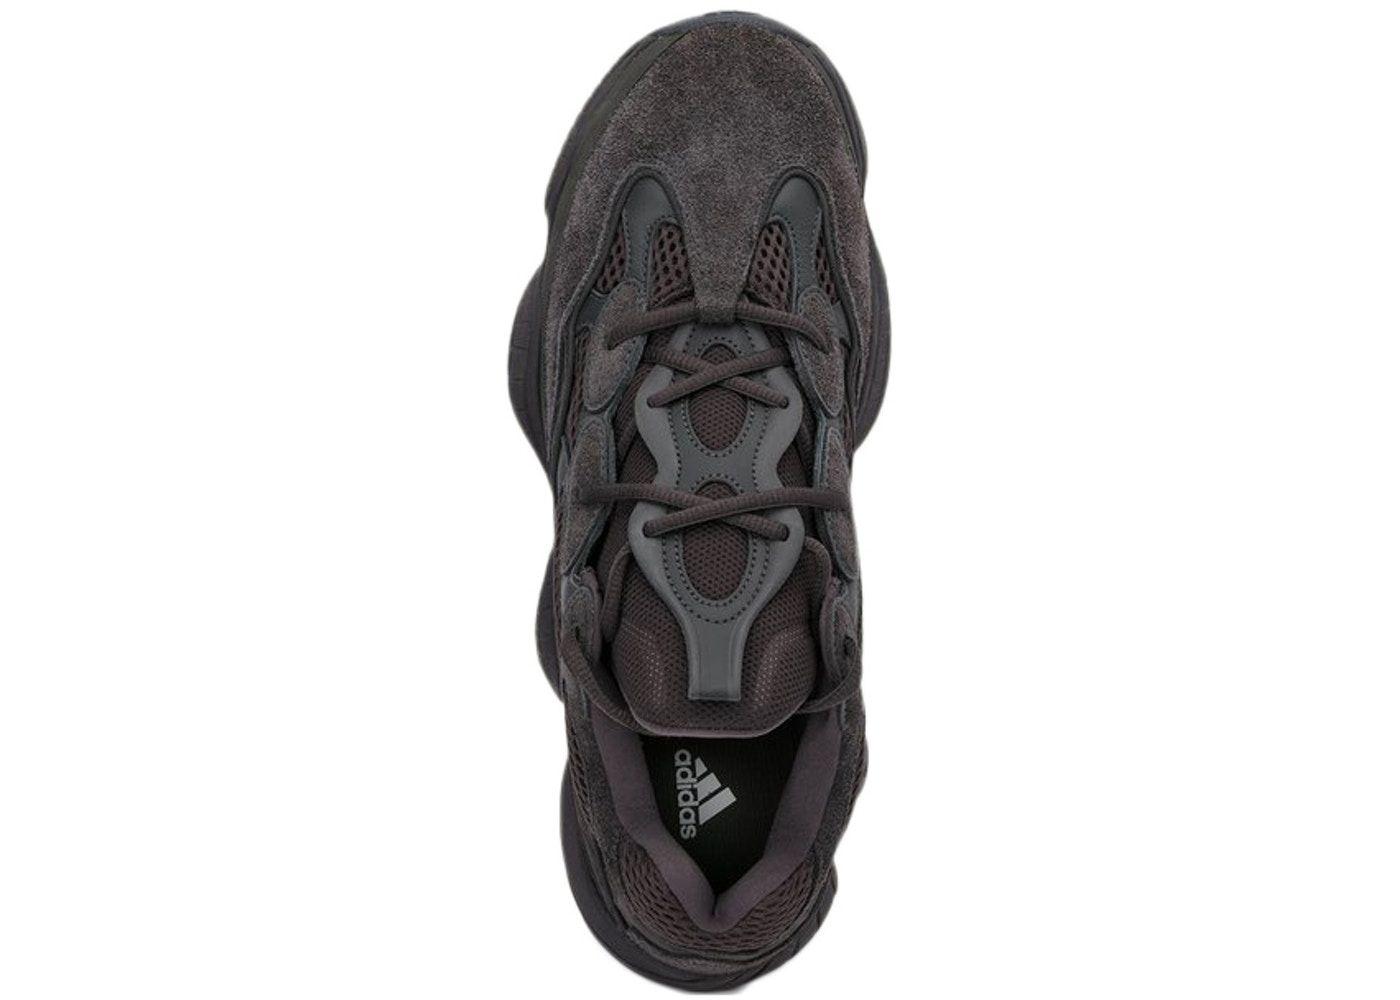 métrico estrés entregar  adidas Yeezy 500 Shadow Black (Friends & Family) in 2020 | Yeezy 500, Yeezy,  Adidas yeezy